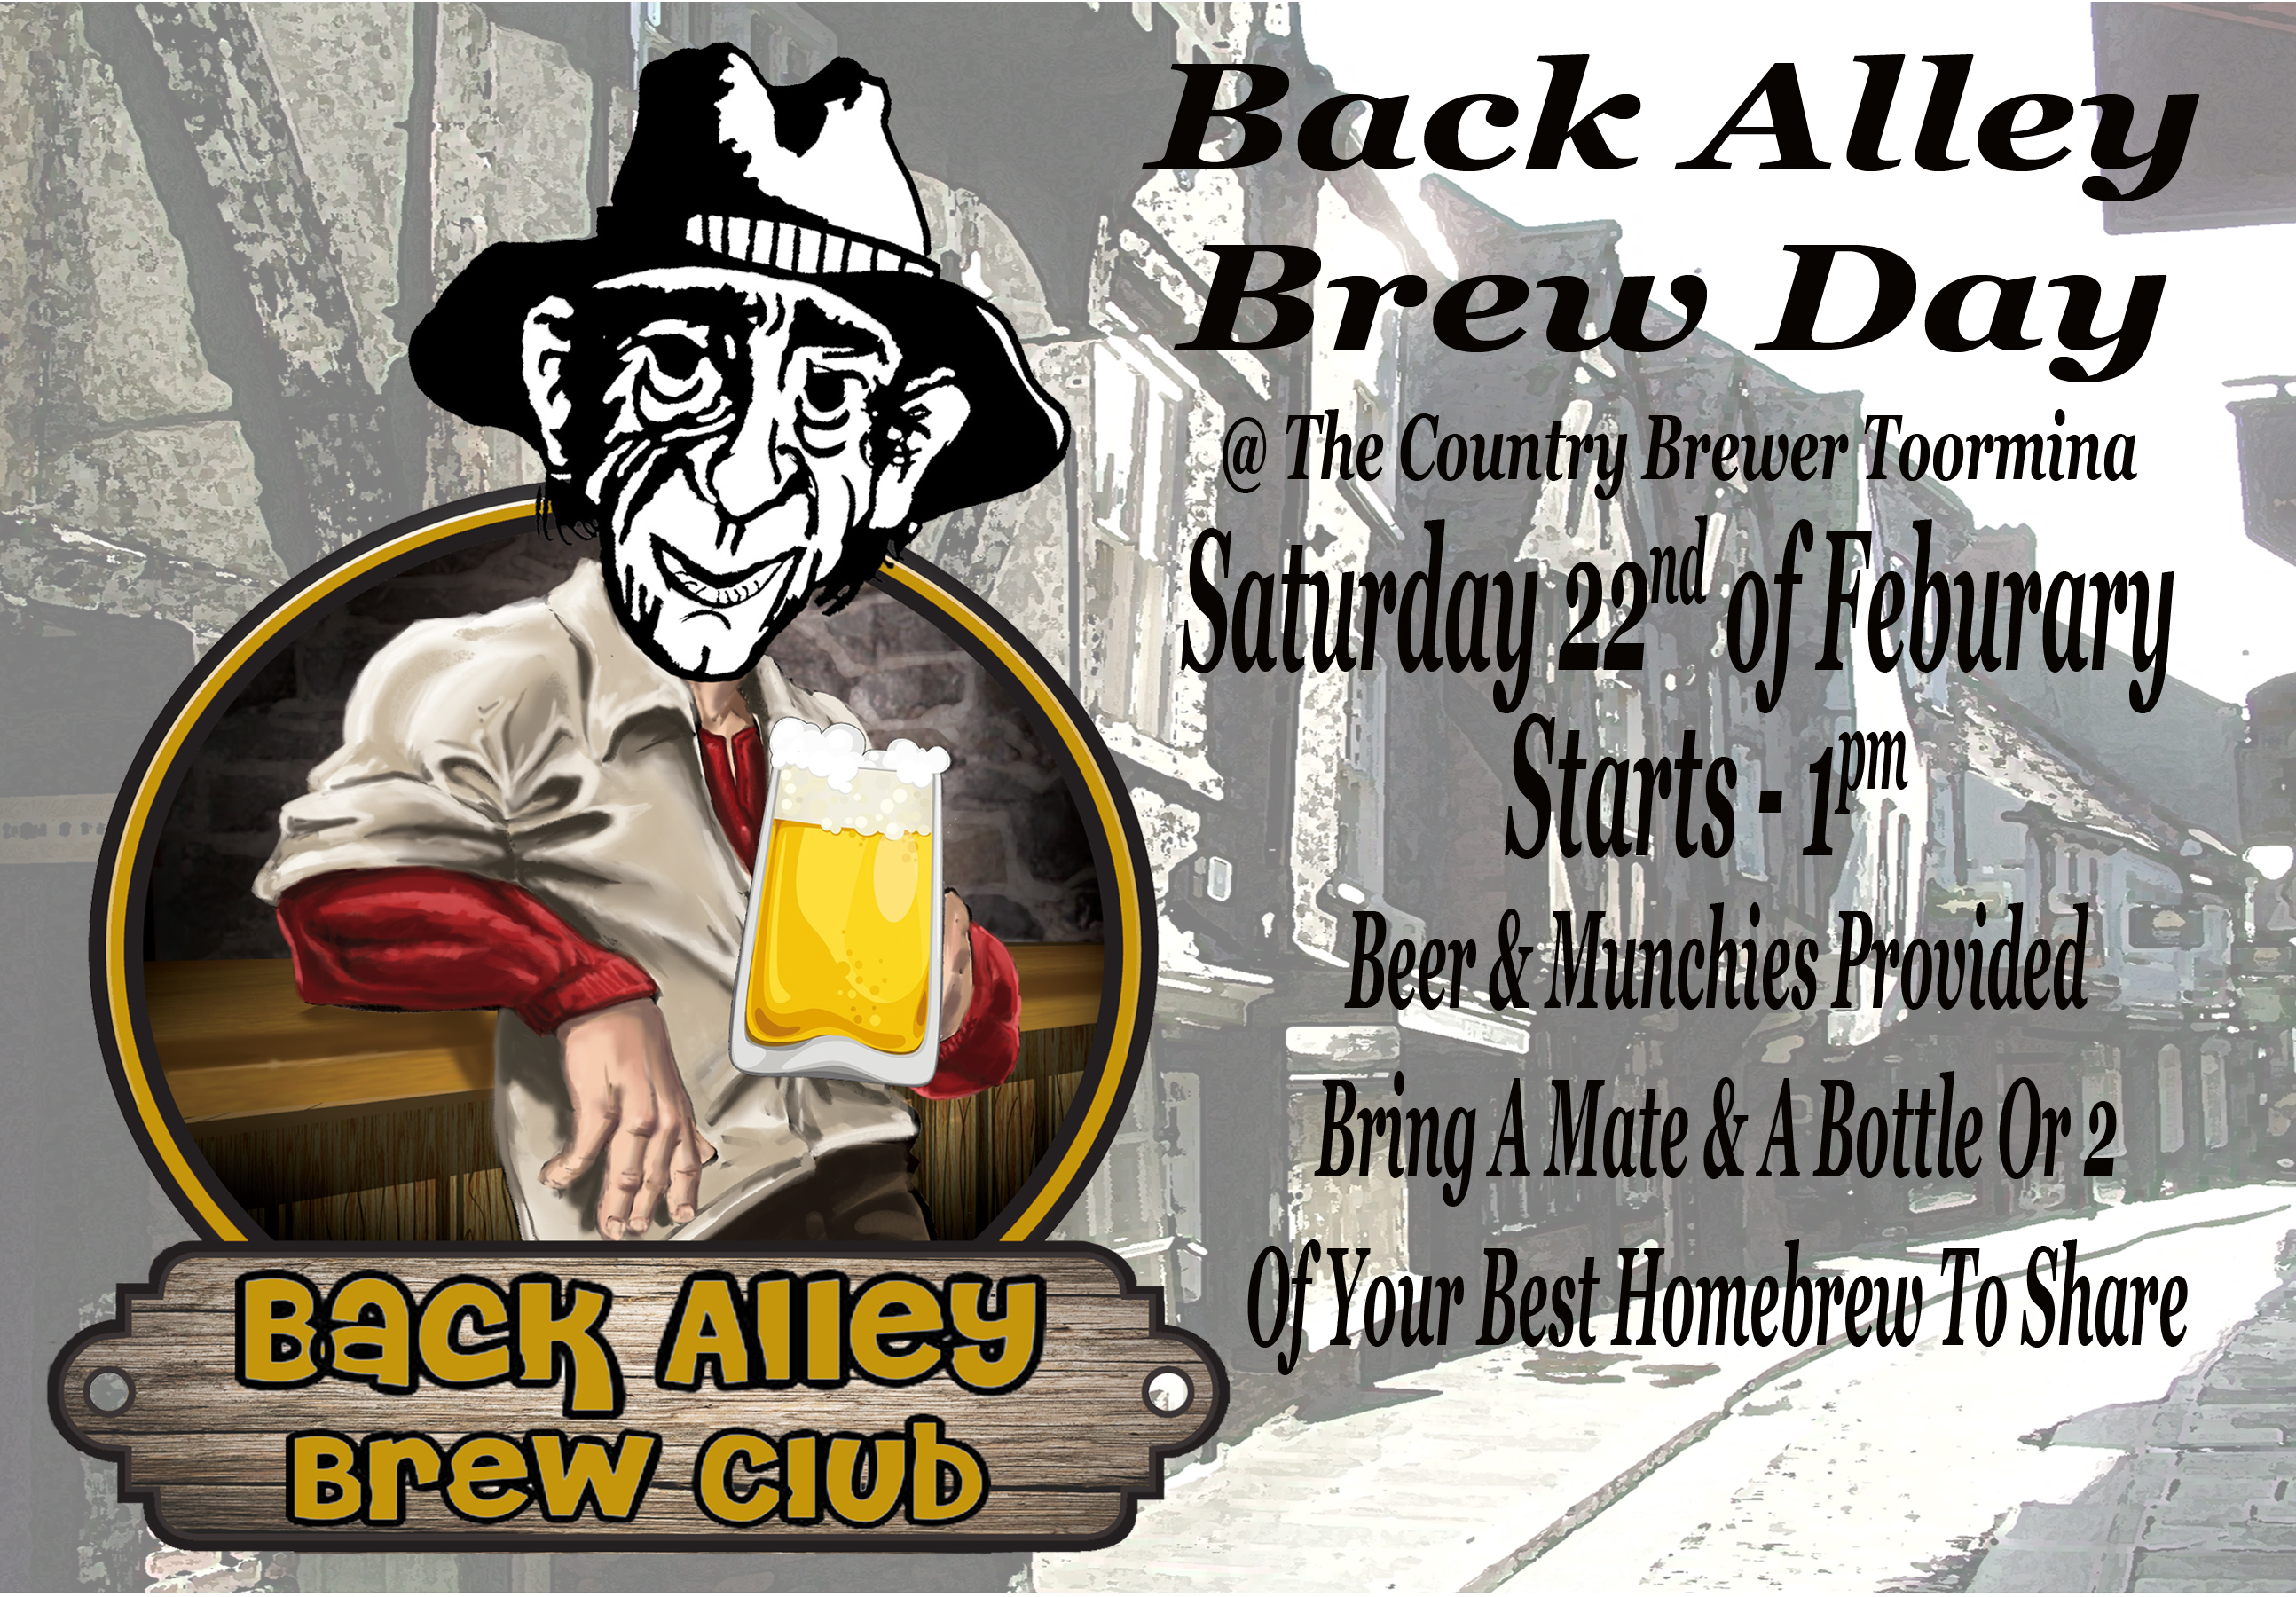 back-alley-brew-club-num-7th-fb-post-pic-002-.jpg